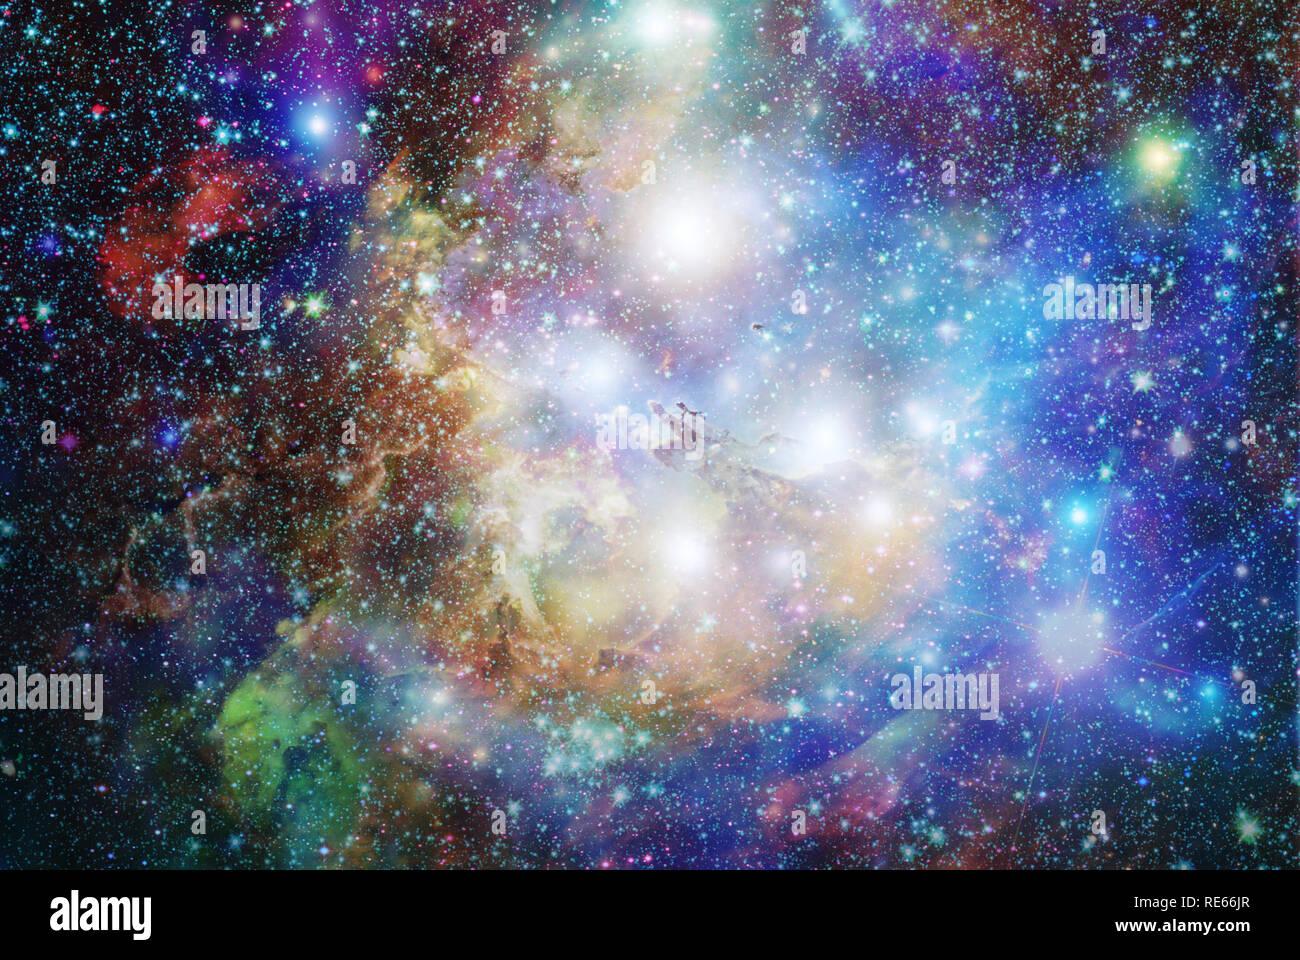 Composito di vari spazio, nebulosa e stelle immagini Immagini Stock